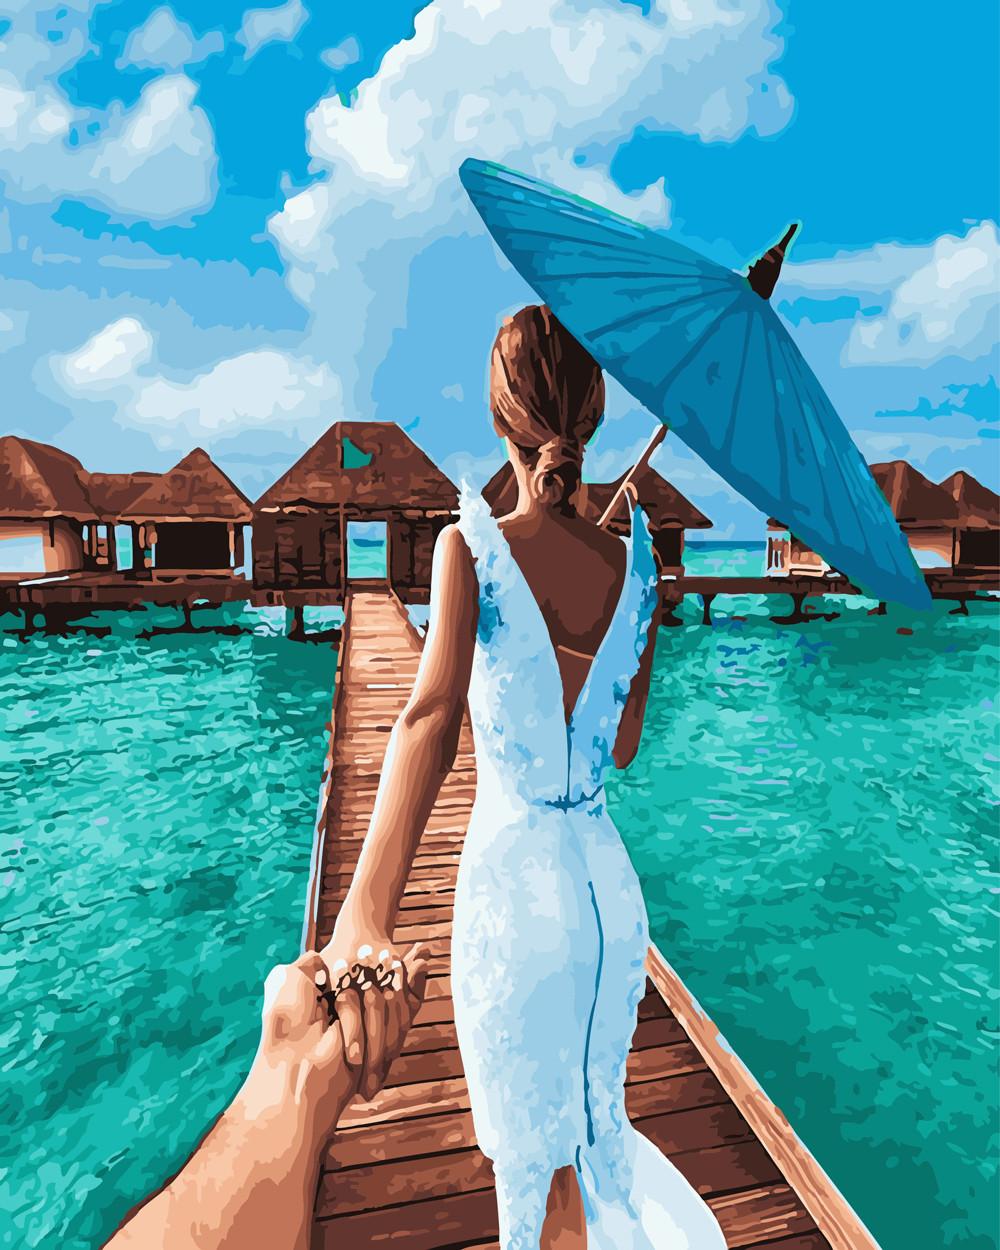 Картина по номерам Следуй за мной Мальдивы 40 х 50 см (BRM24483)